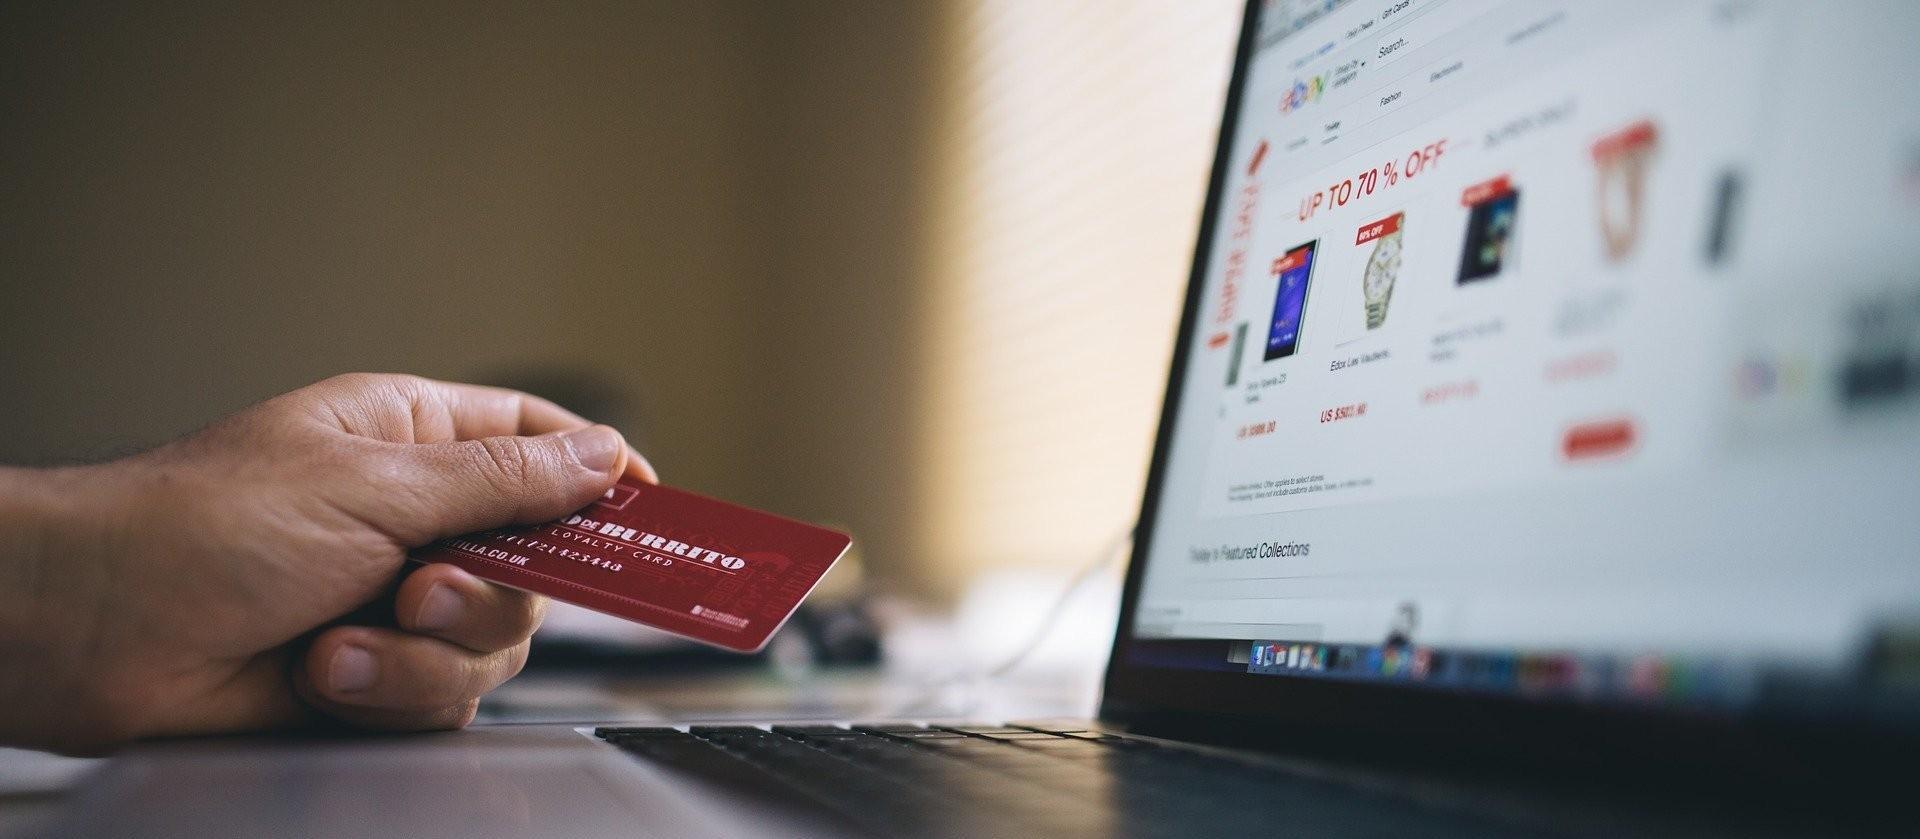 Empresas e consumidores devem tomar cuidados ao ingressar no e-commerce